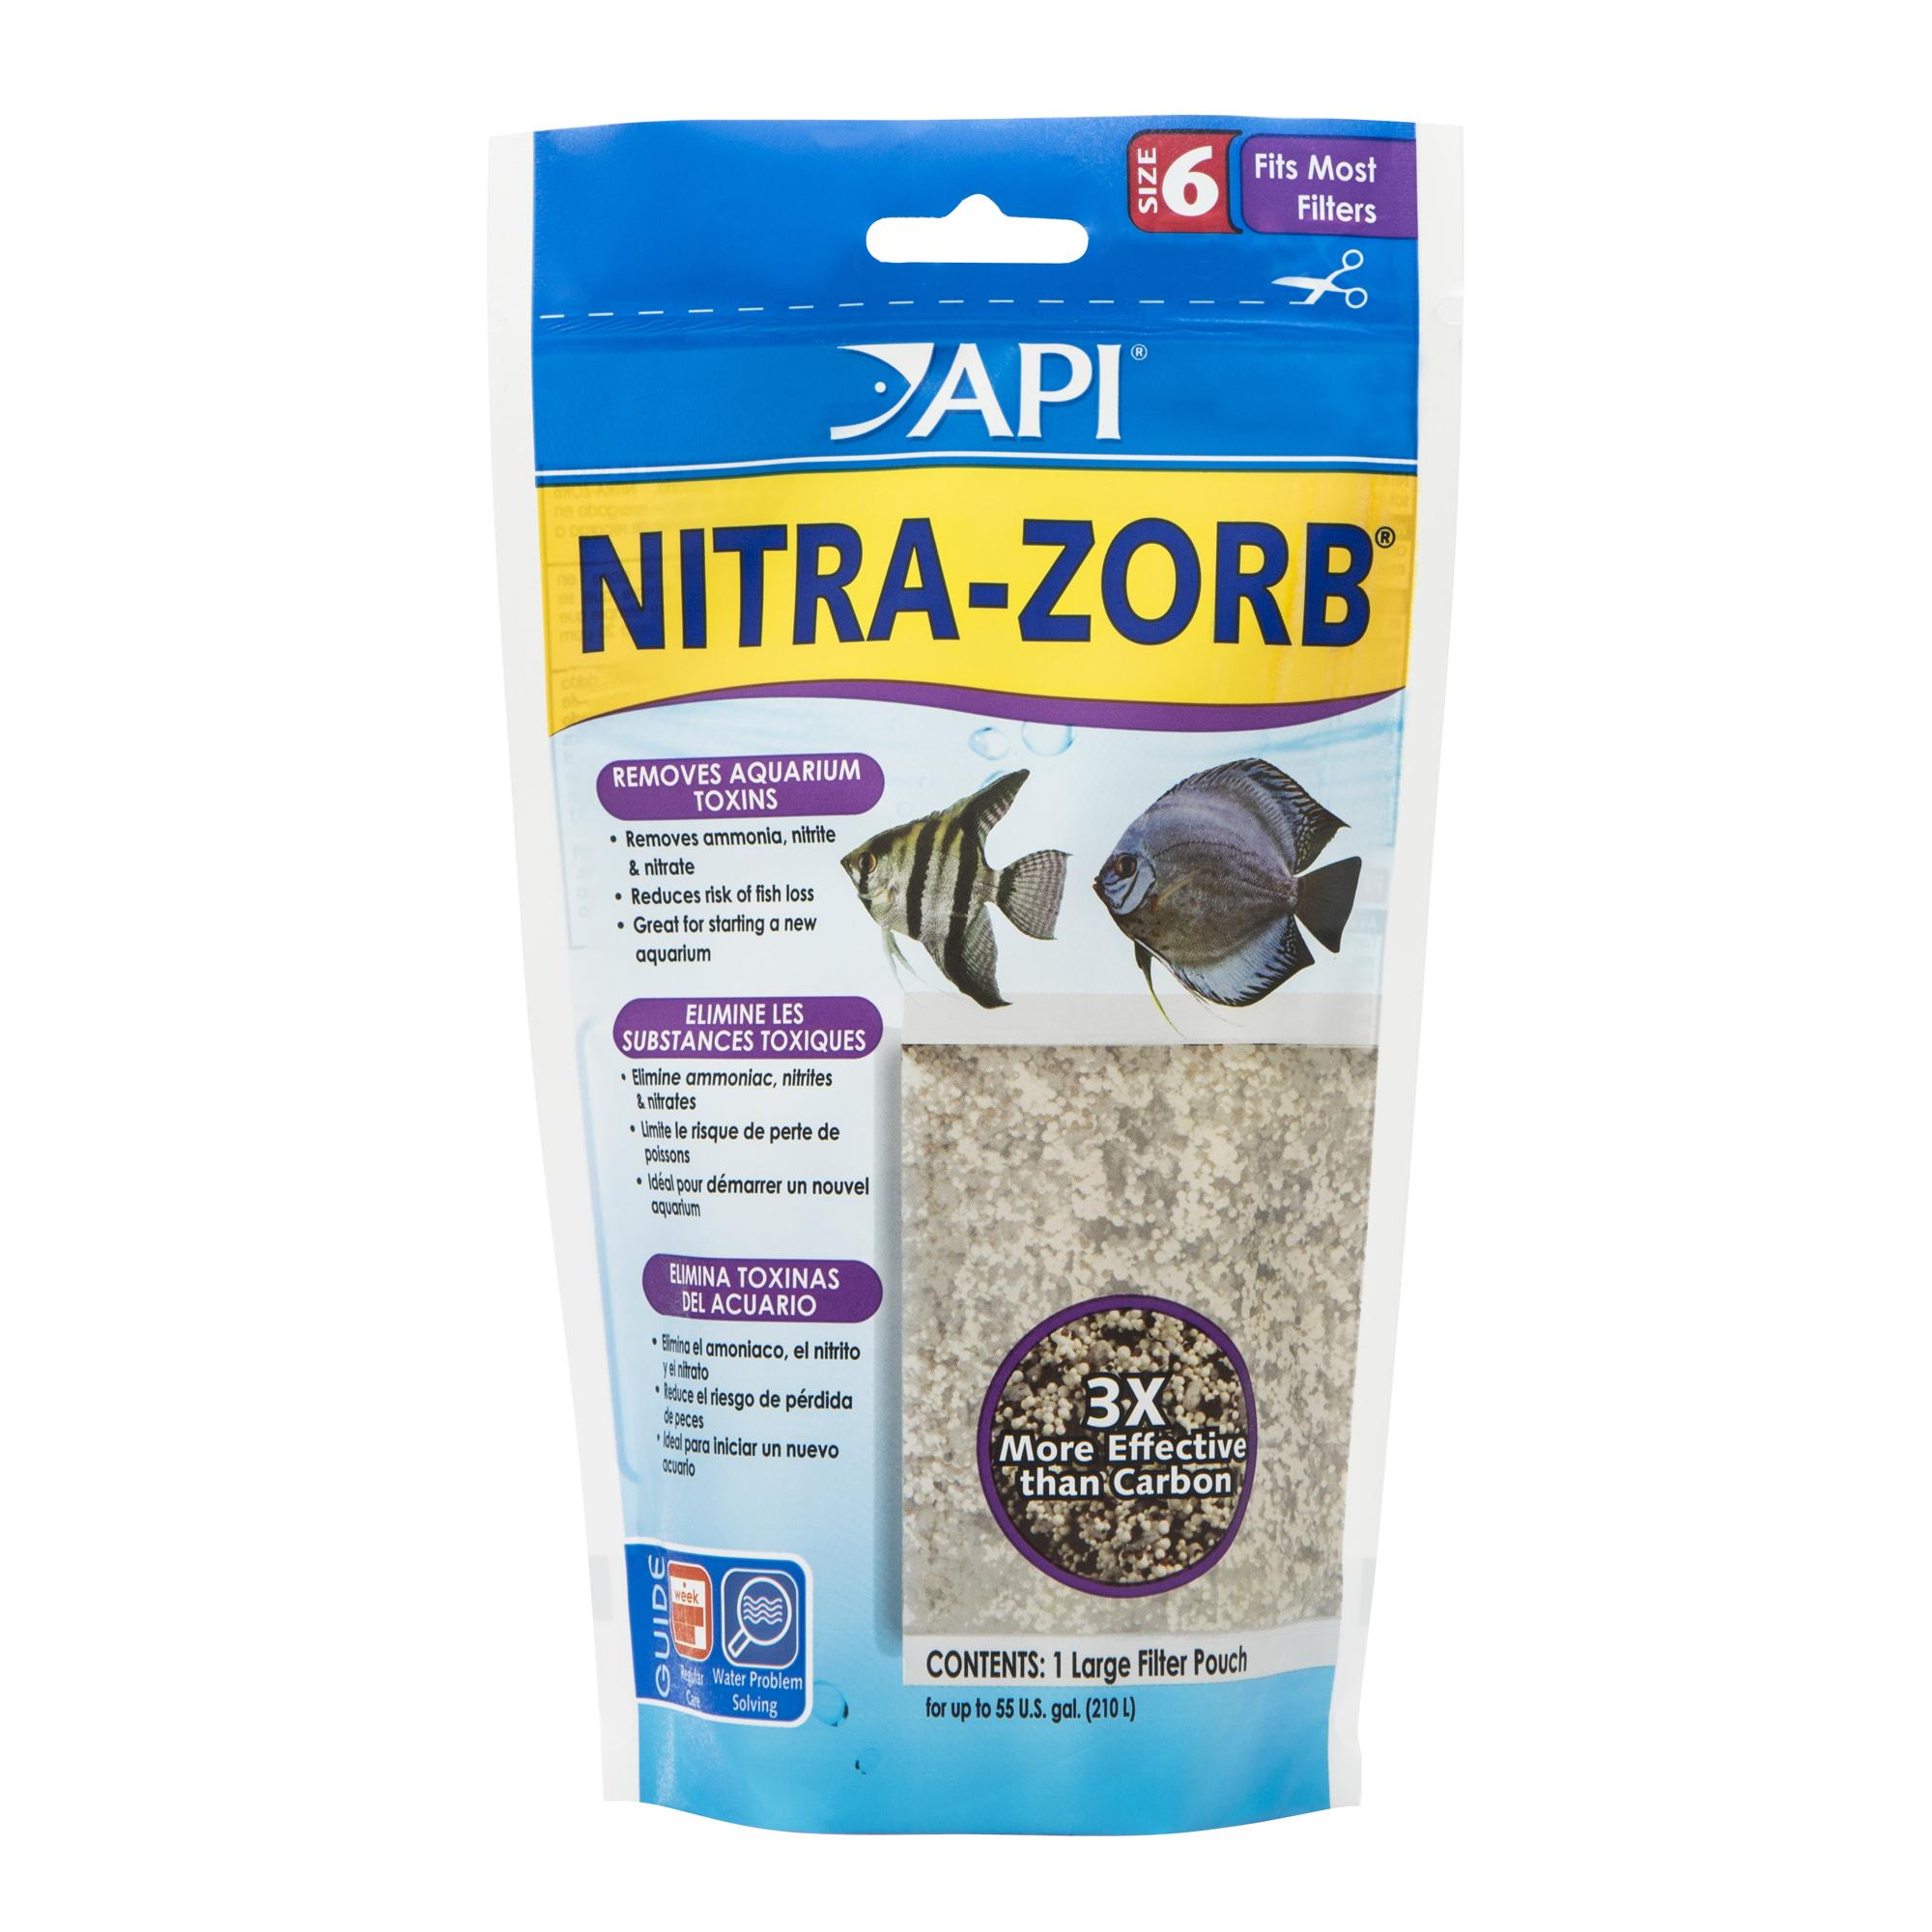 NITRA-ZORB™